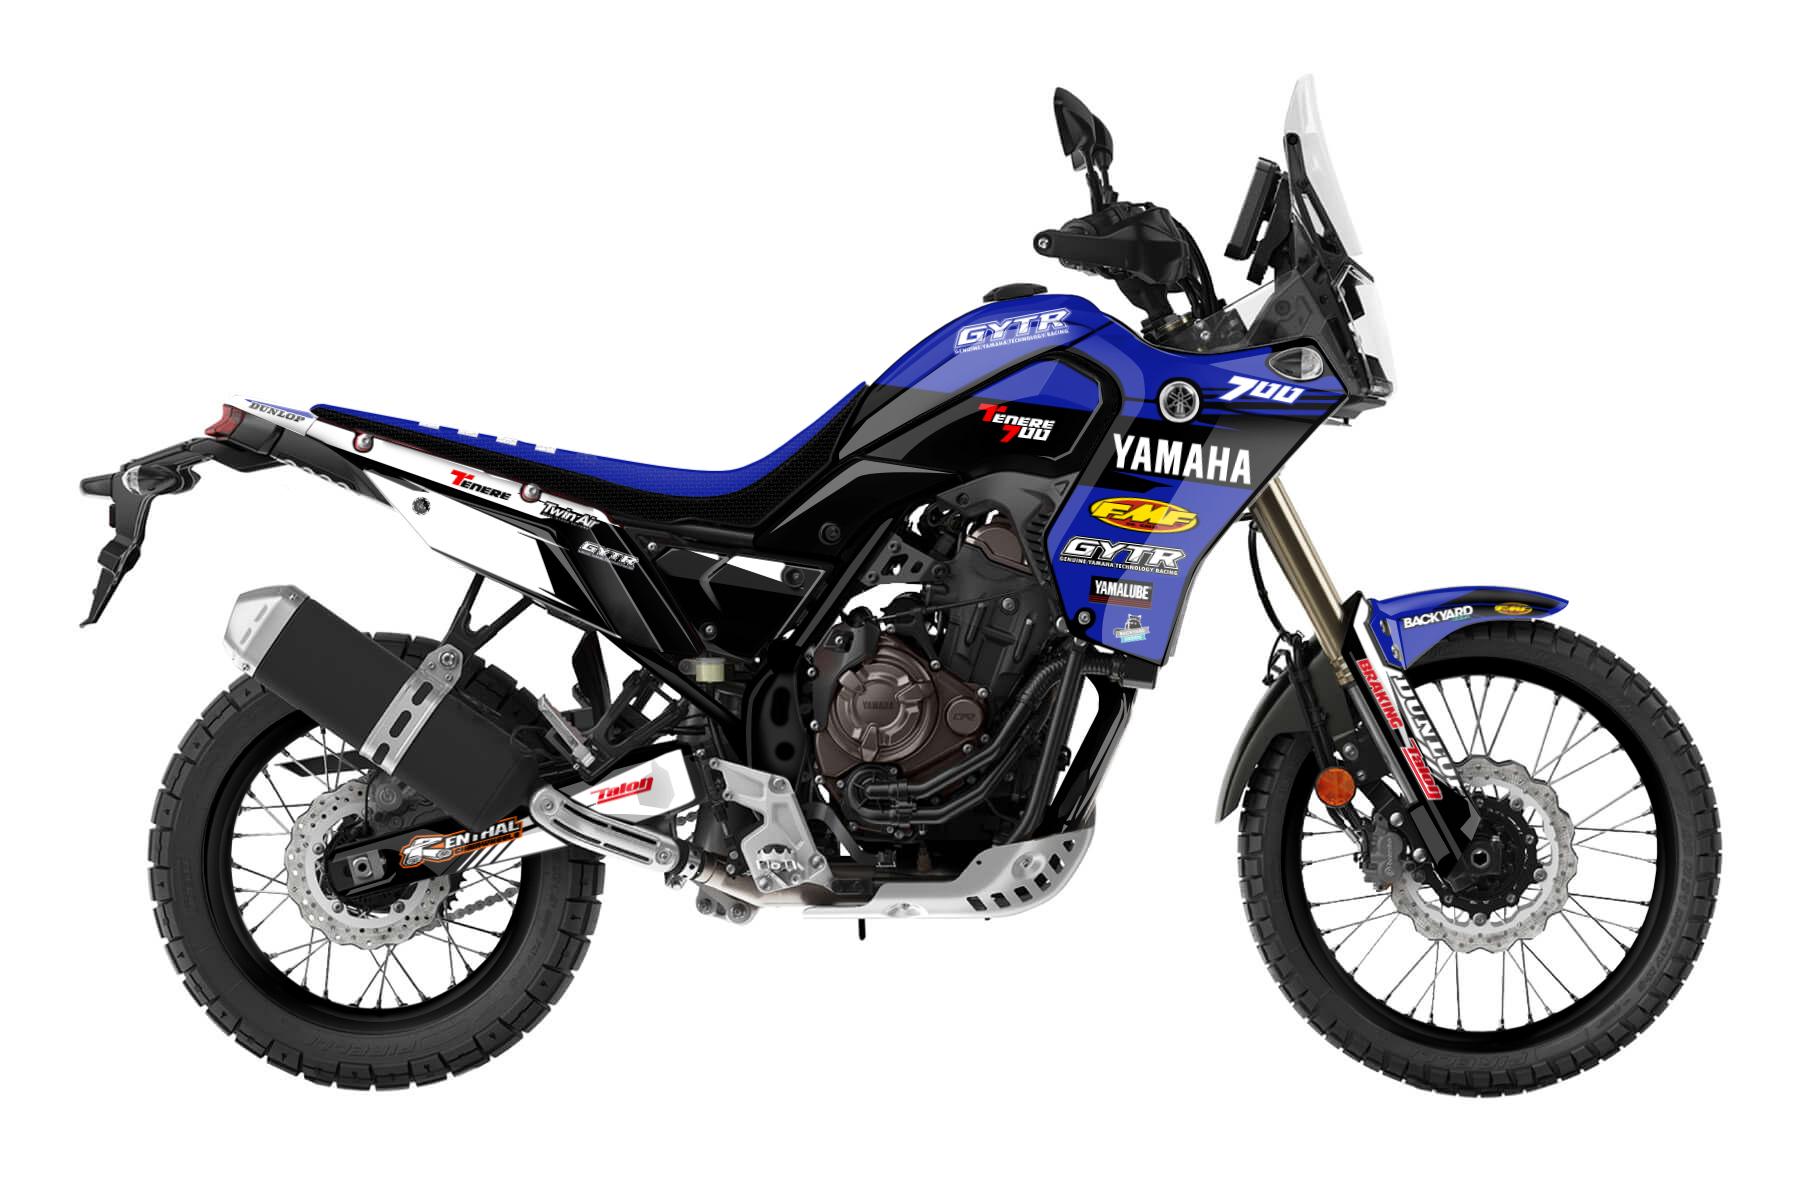 Yamaha Ténéré 700 19-22  - Factory Pro - Backyard Design